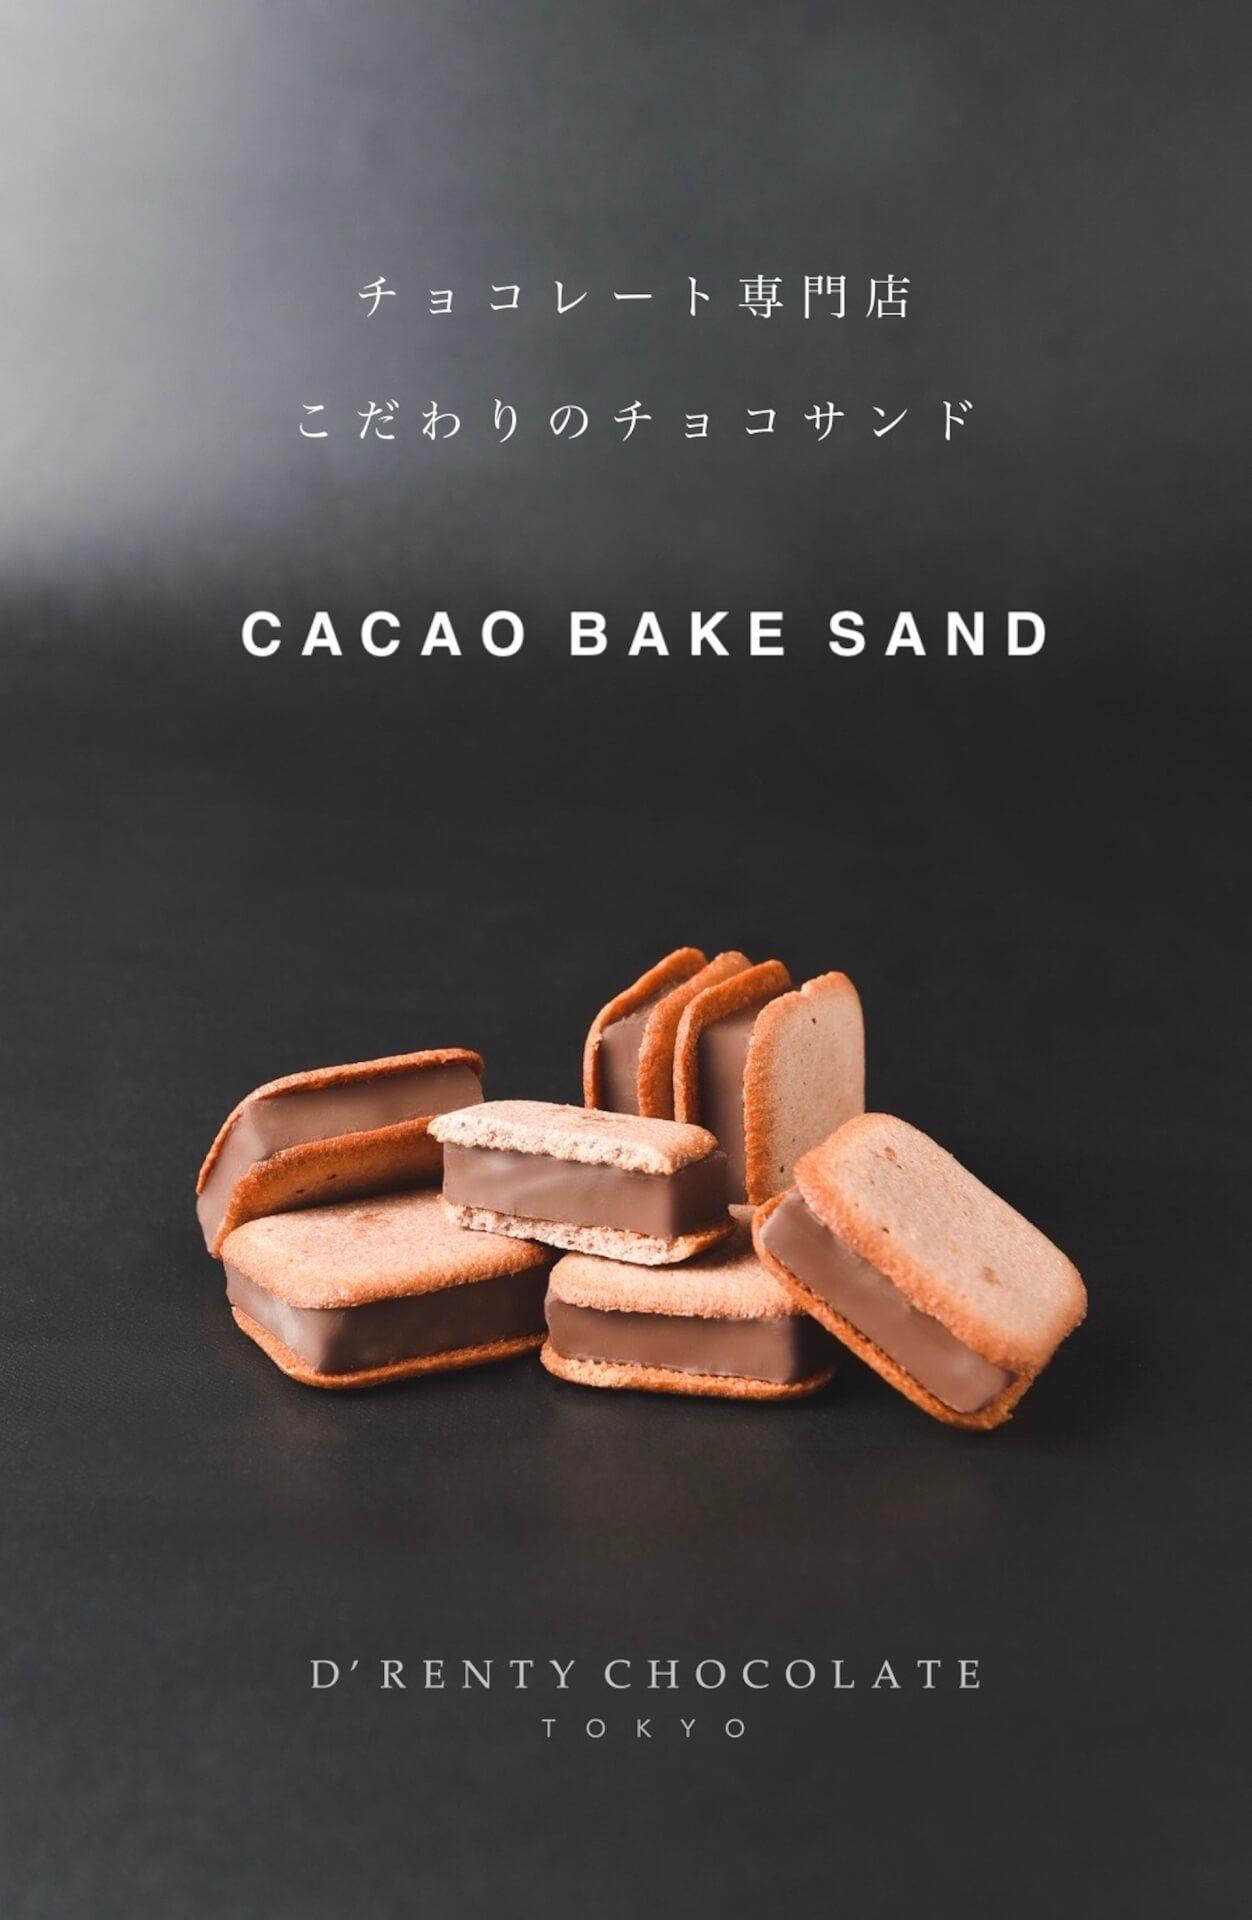 オンラインでは1ヶ月待ち!D'RENTY CHOCOLATE『カカオベイクサンド』が渋谷スクランブルスクエアで期間限定販売 gourmet200619_drentychocolate_06